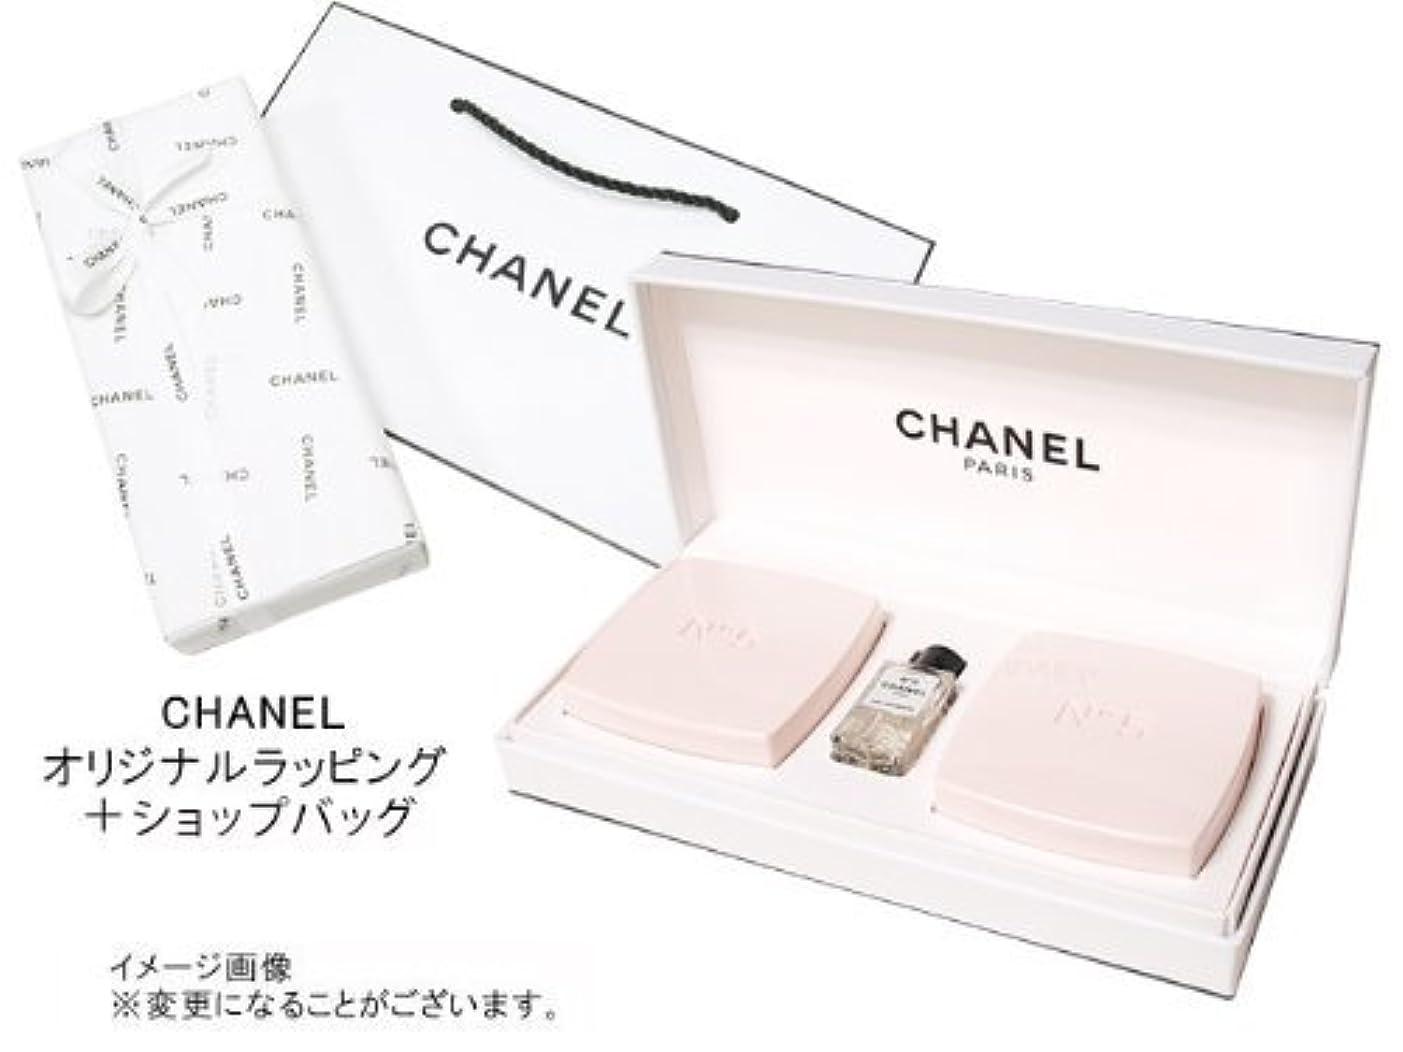 熱狂的な人間年齢CHANEL(シャネル) LES CADEAUX シャネル N゜5ギフトコレクション N゜5 サヴォン(石けん)75g×2 N゜5オープルミエール4ml×1オリジナルラッピング&ショップバッグ付専用ギフトボックス入